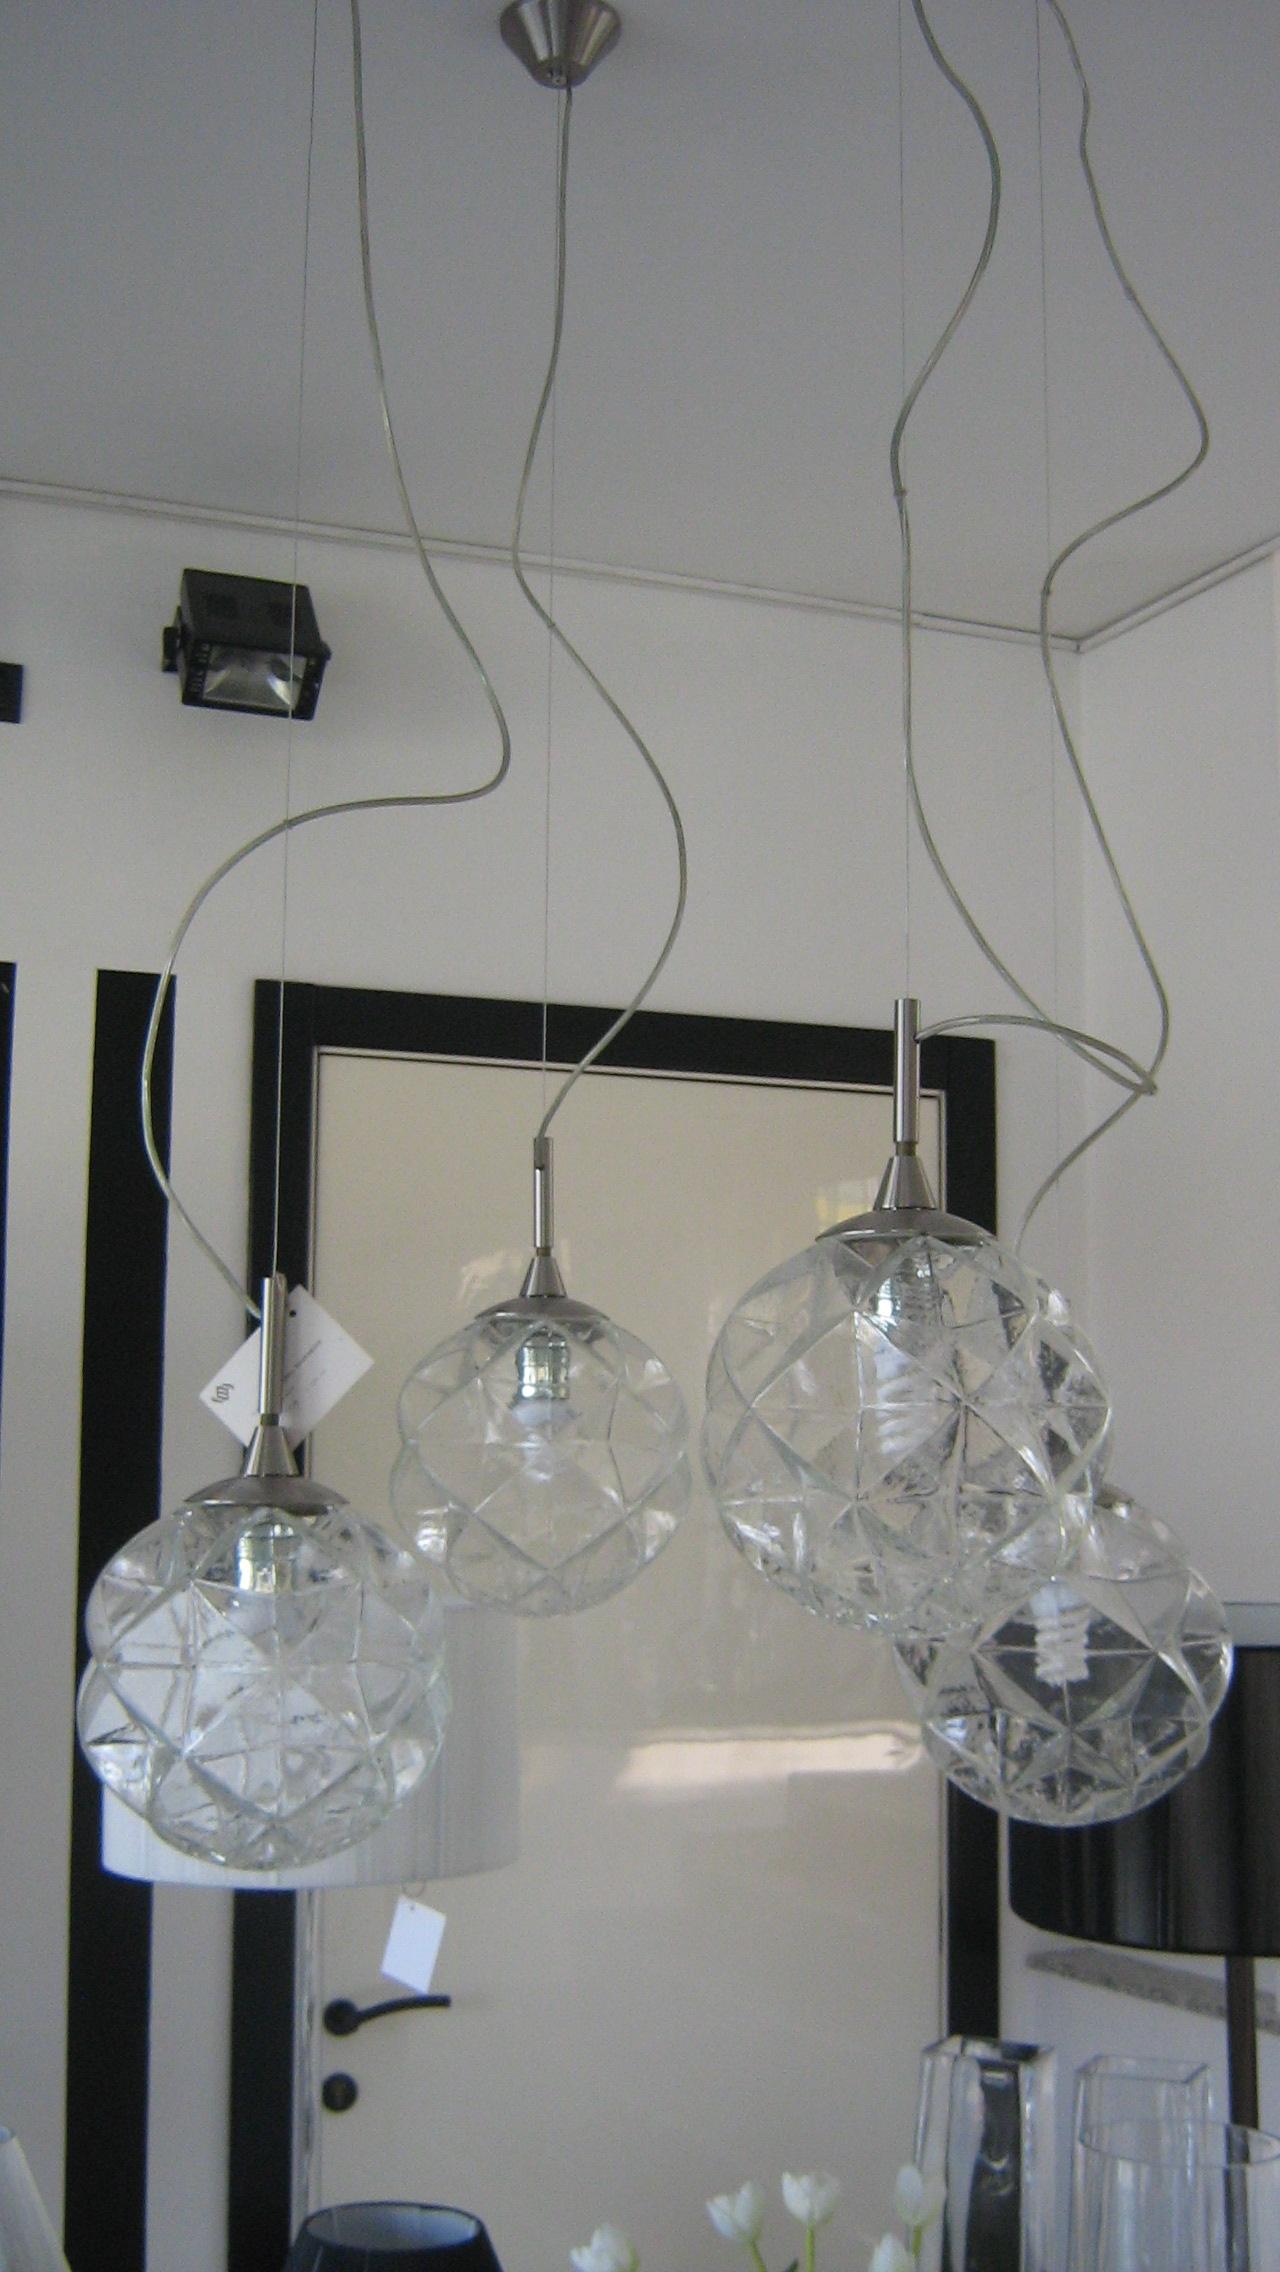 Lampada sospensione planet illuminazione a prezzi scontati for Lampade kartell outlet